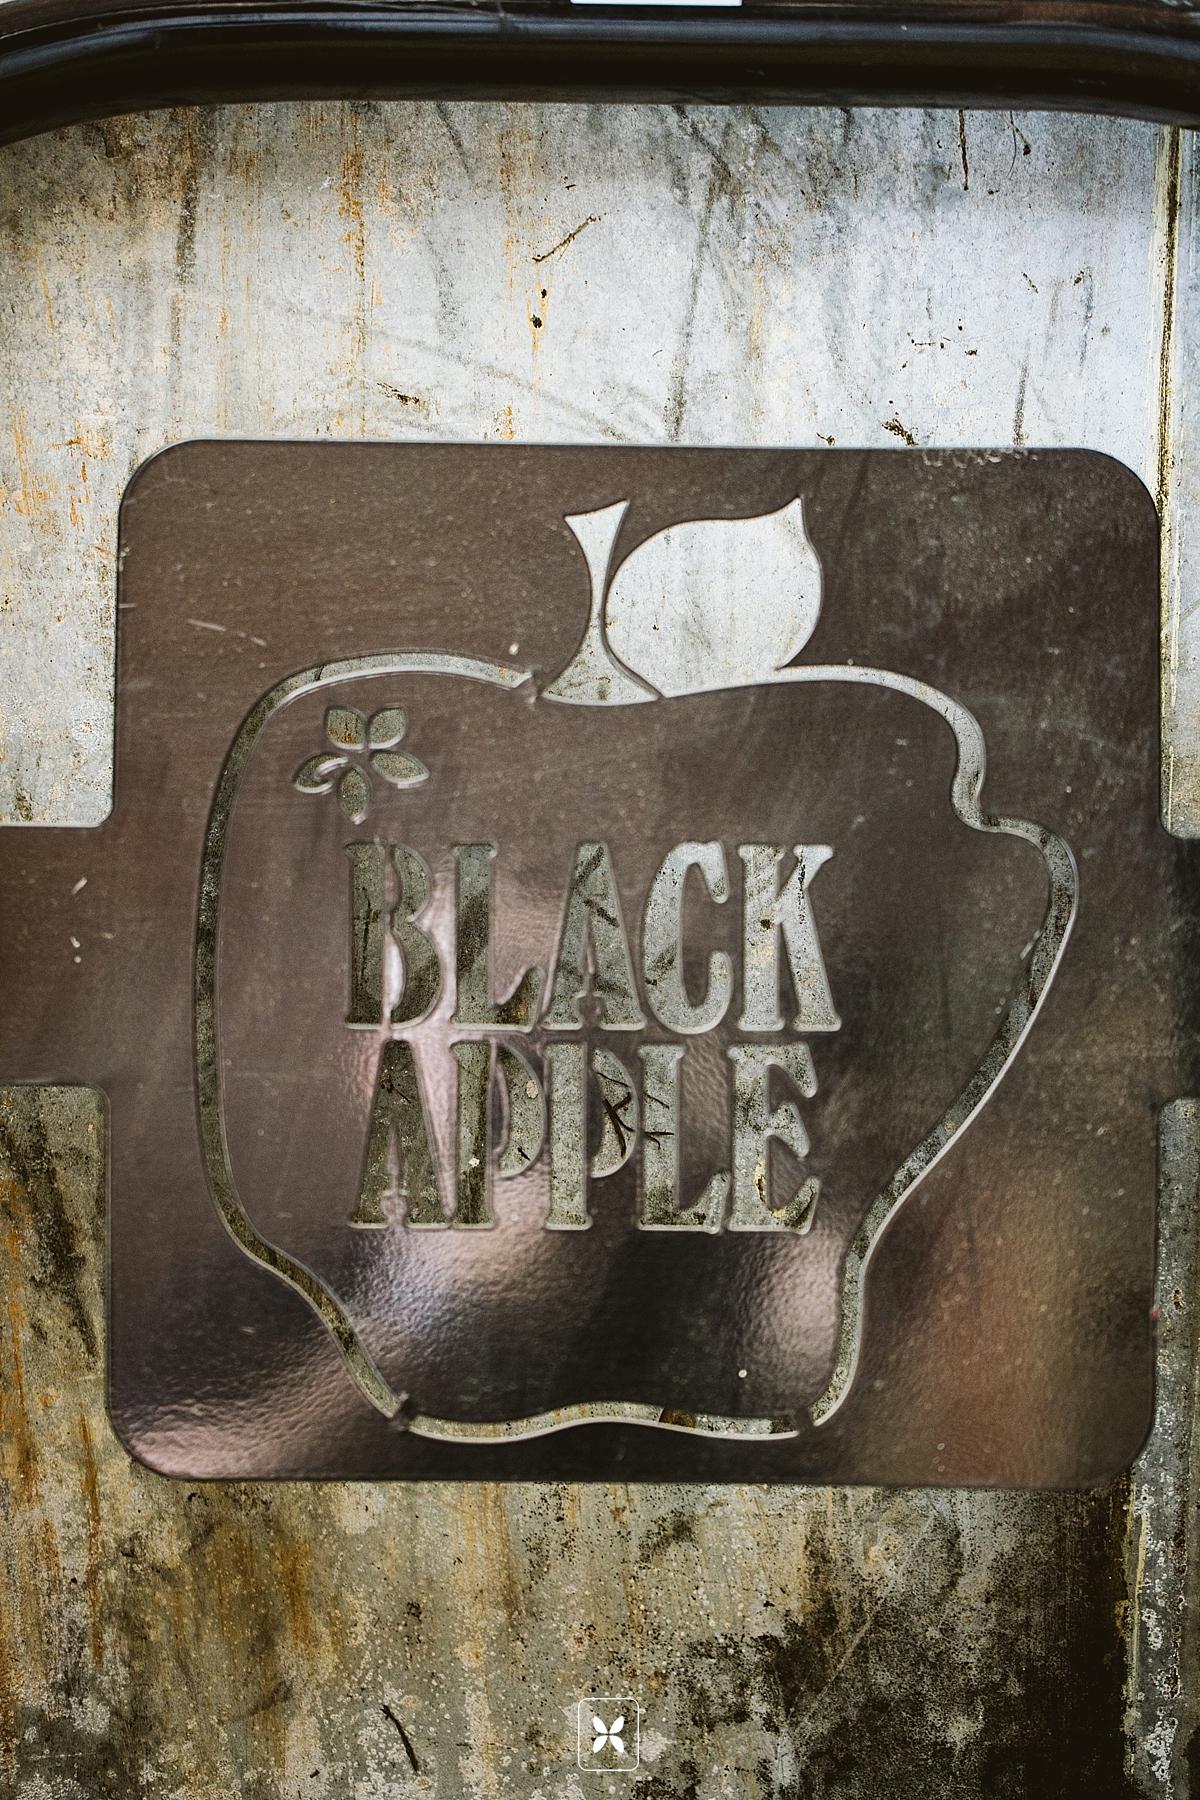 Black Apple Cider - Springdale Arkansas - Production - 2019-183.jpg